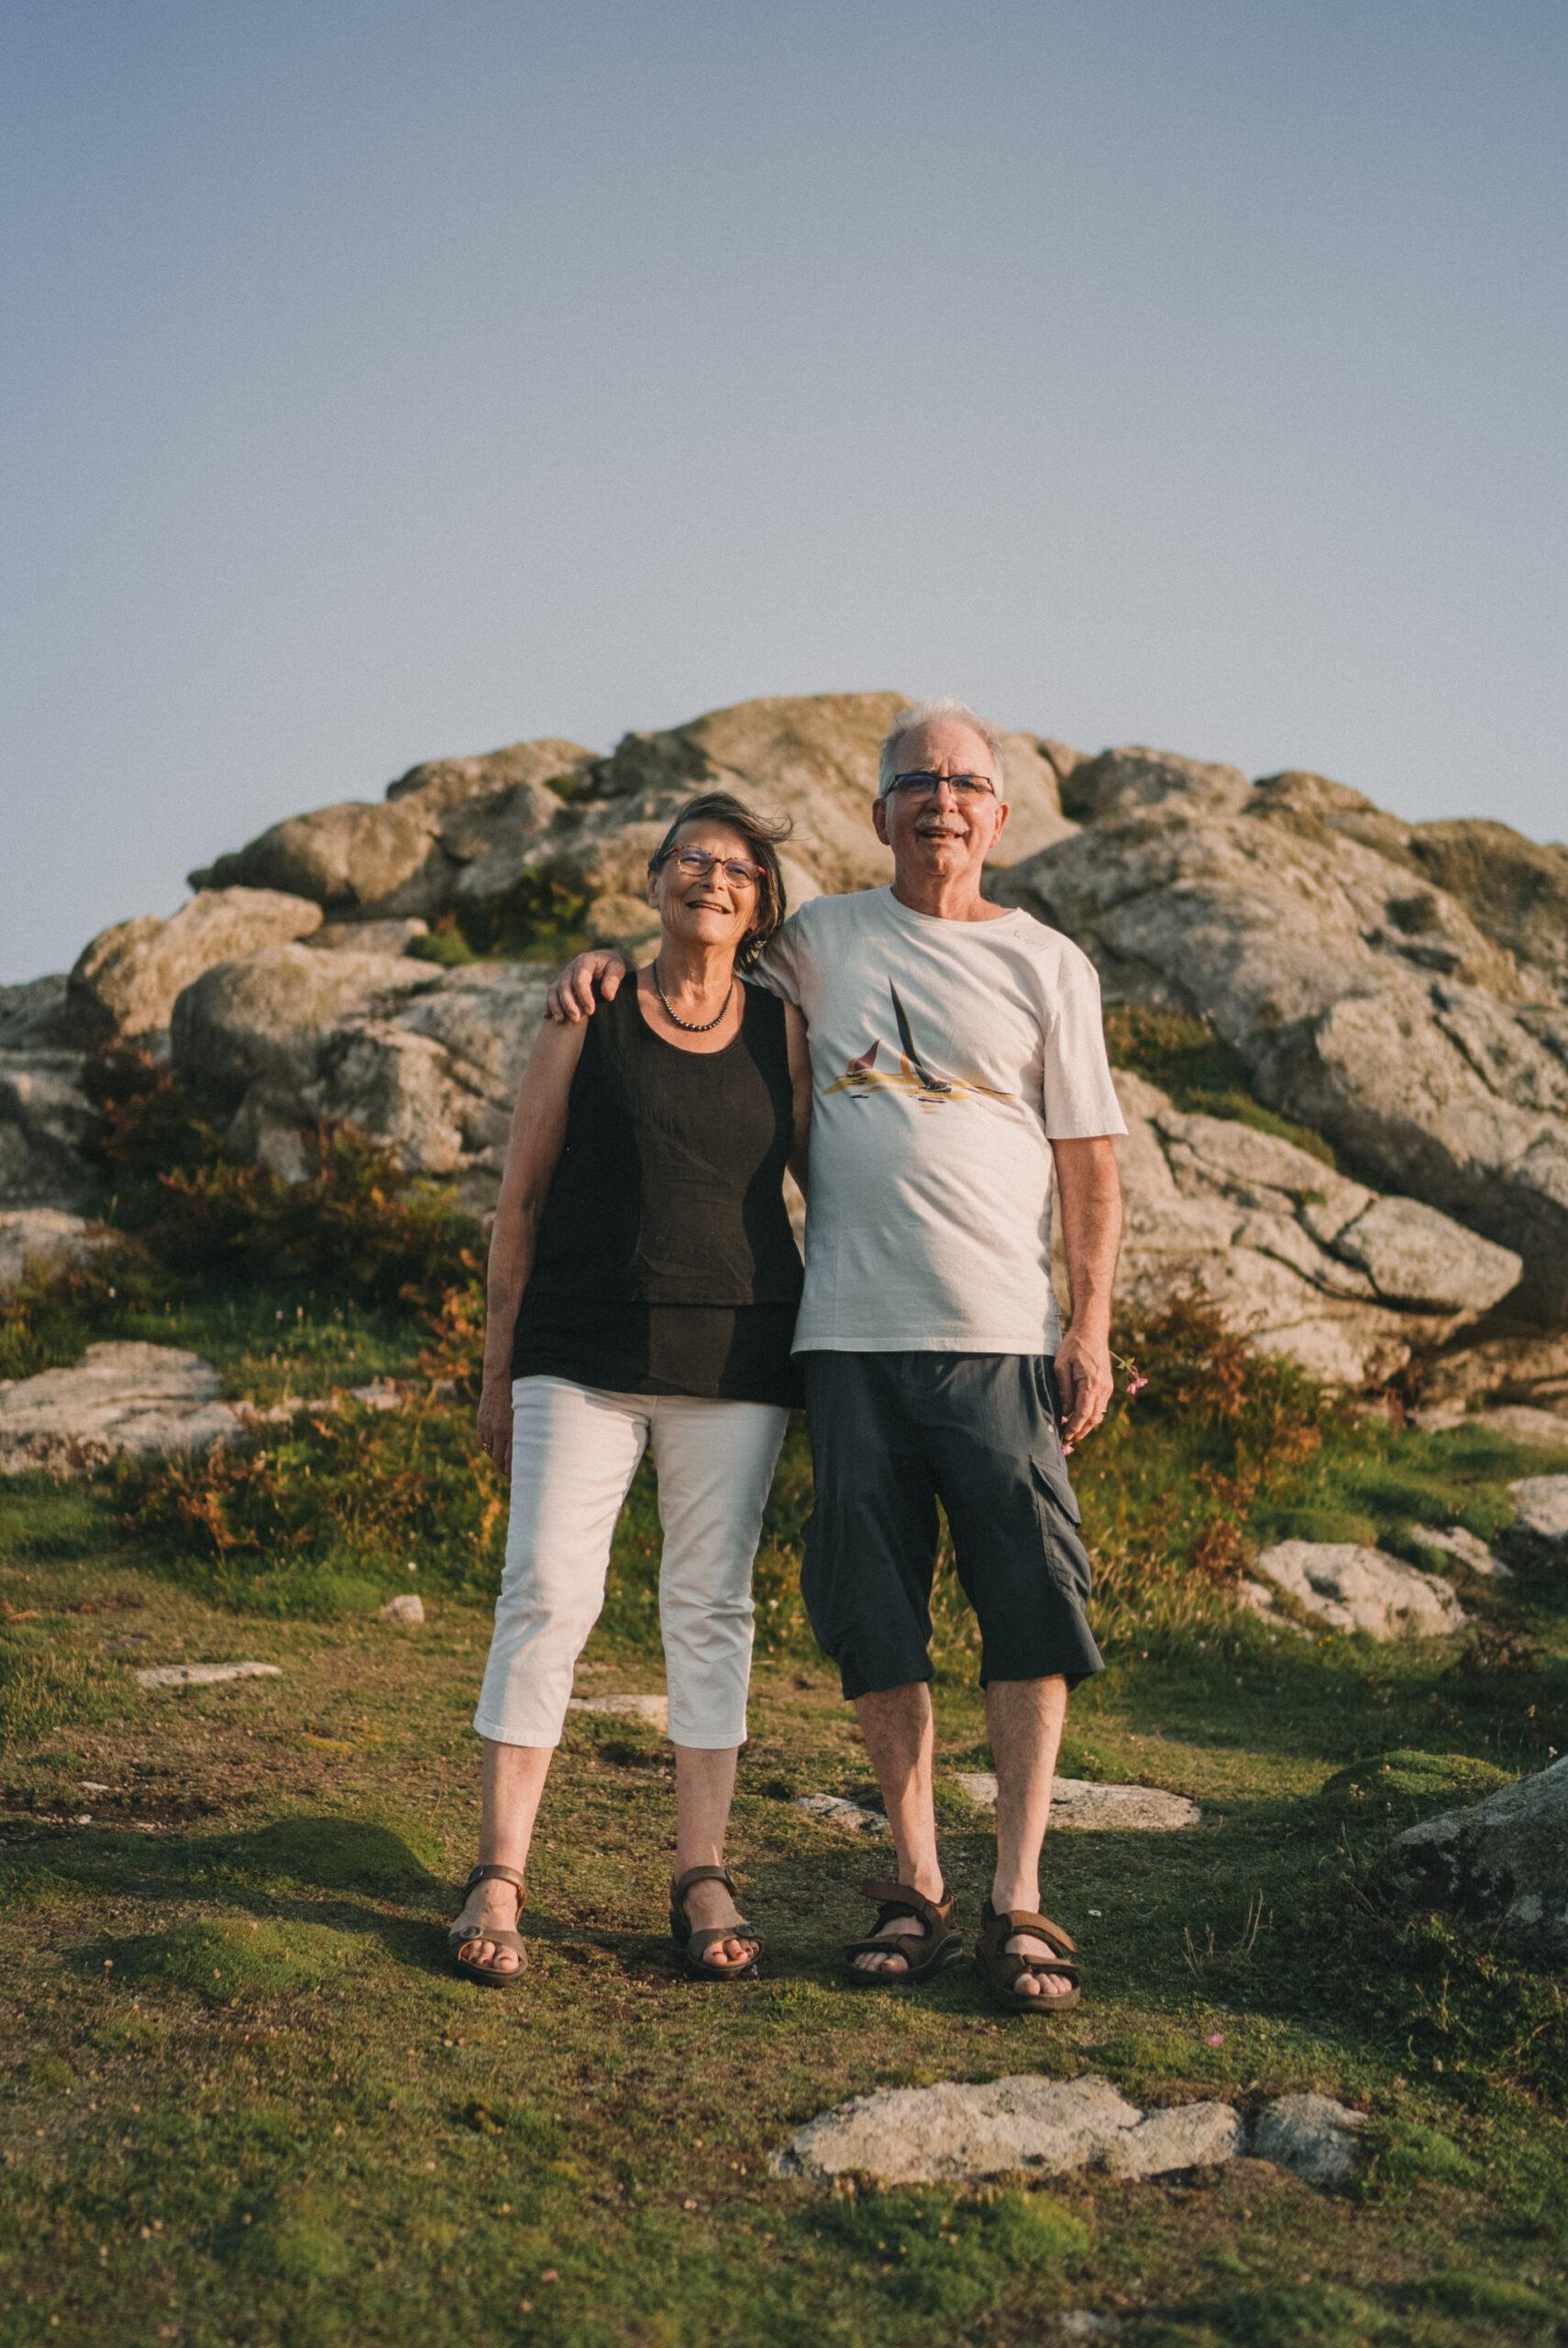 2021.07.20 Photo De Famille A Porspoder En Bretagne Par Antoine Borzeix 155 Scaled, Photographe & Videaste à Brest / Finistère